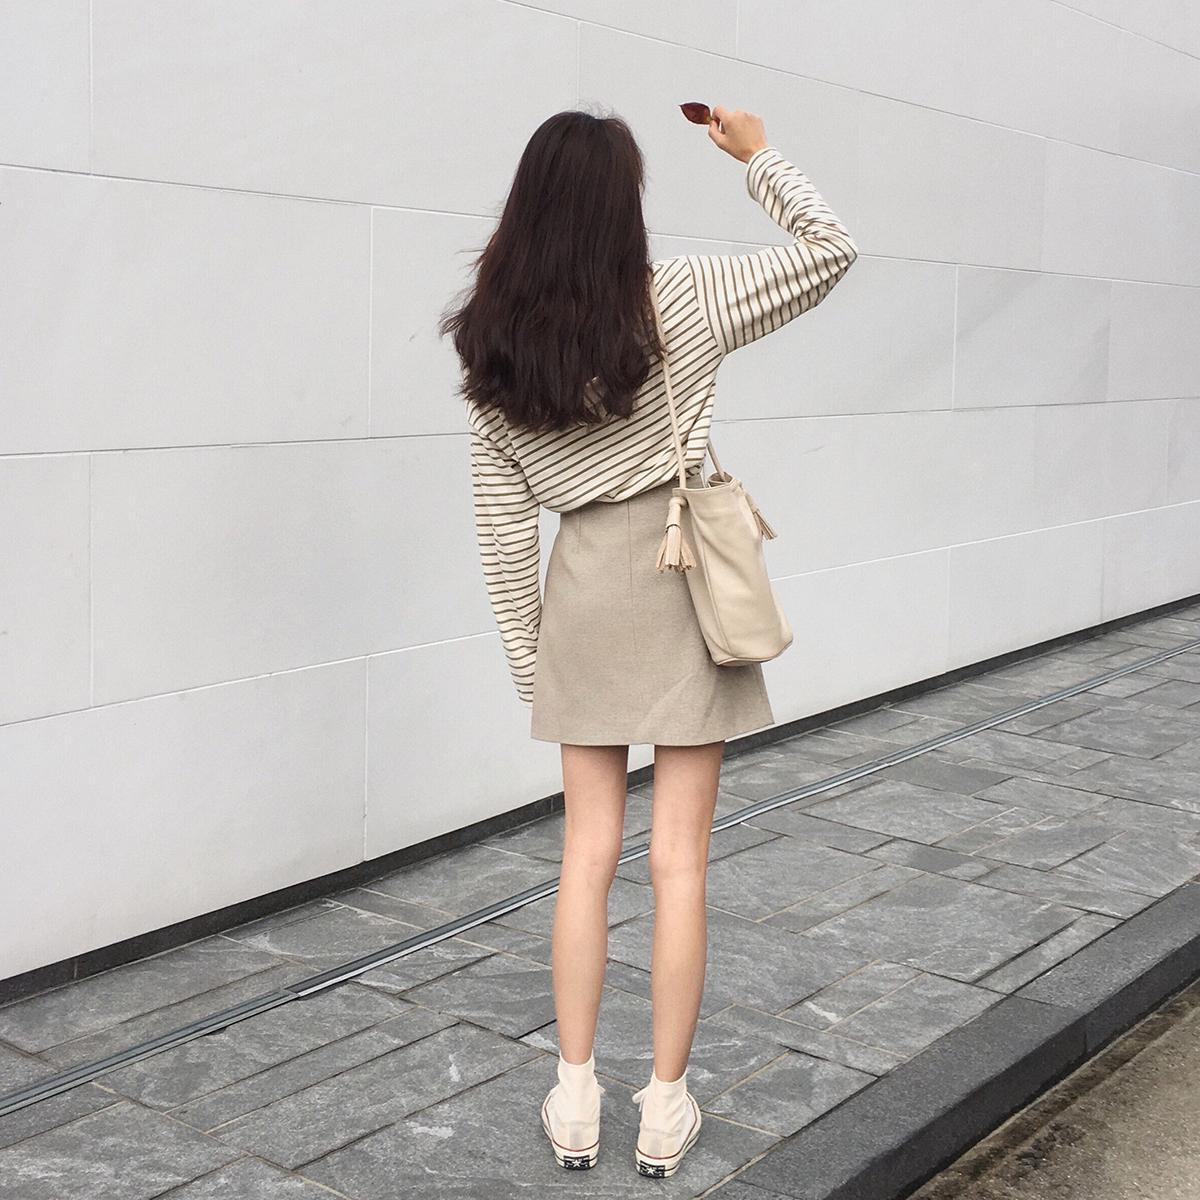 d16367198 Fan Zhi Qiao Korean version of the high waist a word skirt female plaid  skirt fashion ins Super fire skirt step skirt short skirt autumn